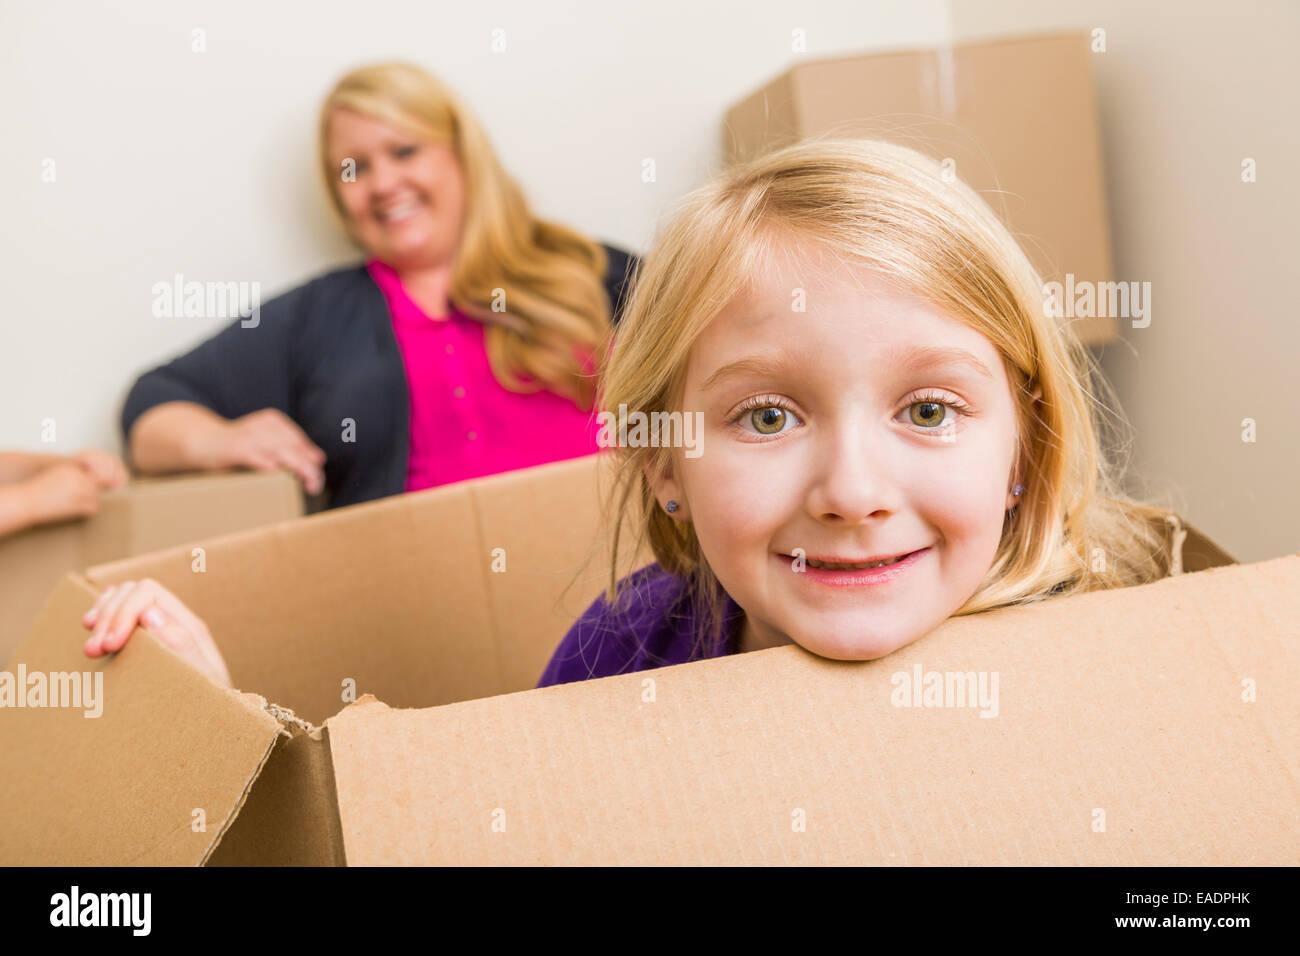 Heureux jeune mère et sa fille s'amusant avec des cartons. Photo Stock